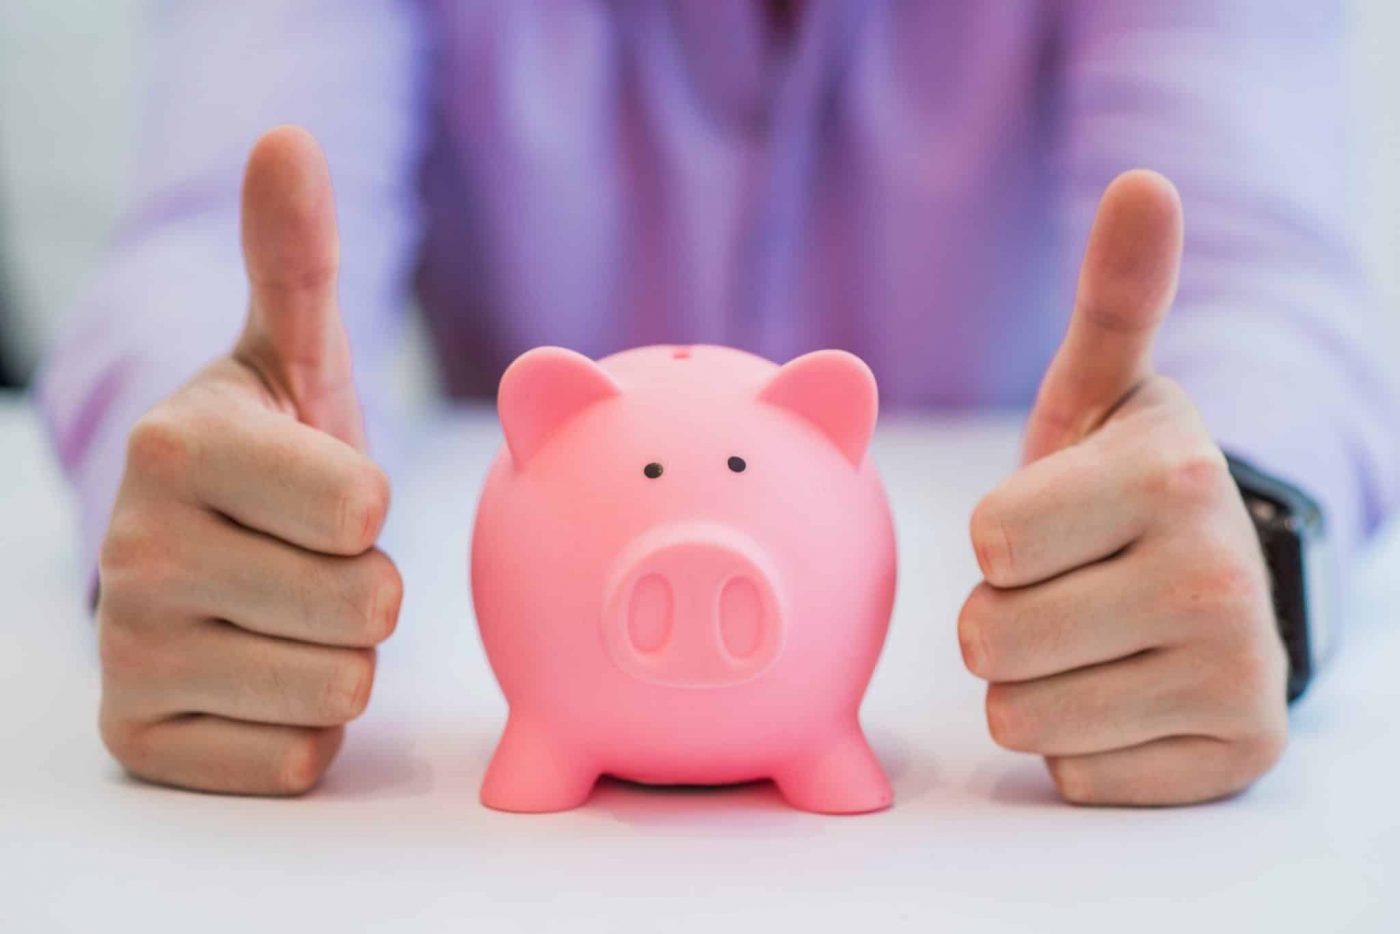 האם ניתן לנייד קופות גמל להשקעה מבית השקעות אחד לשני ?